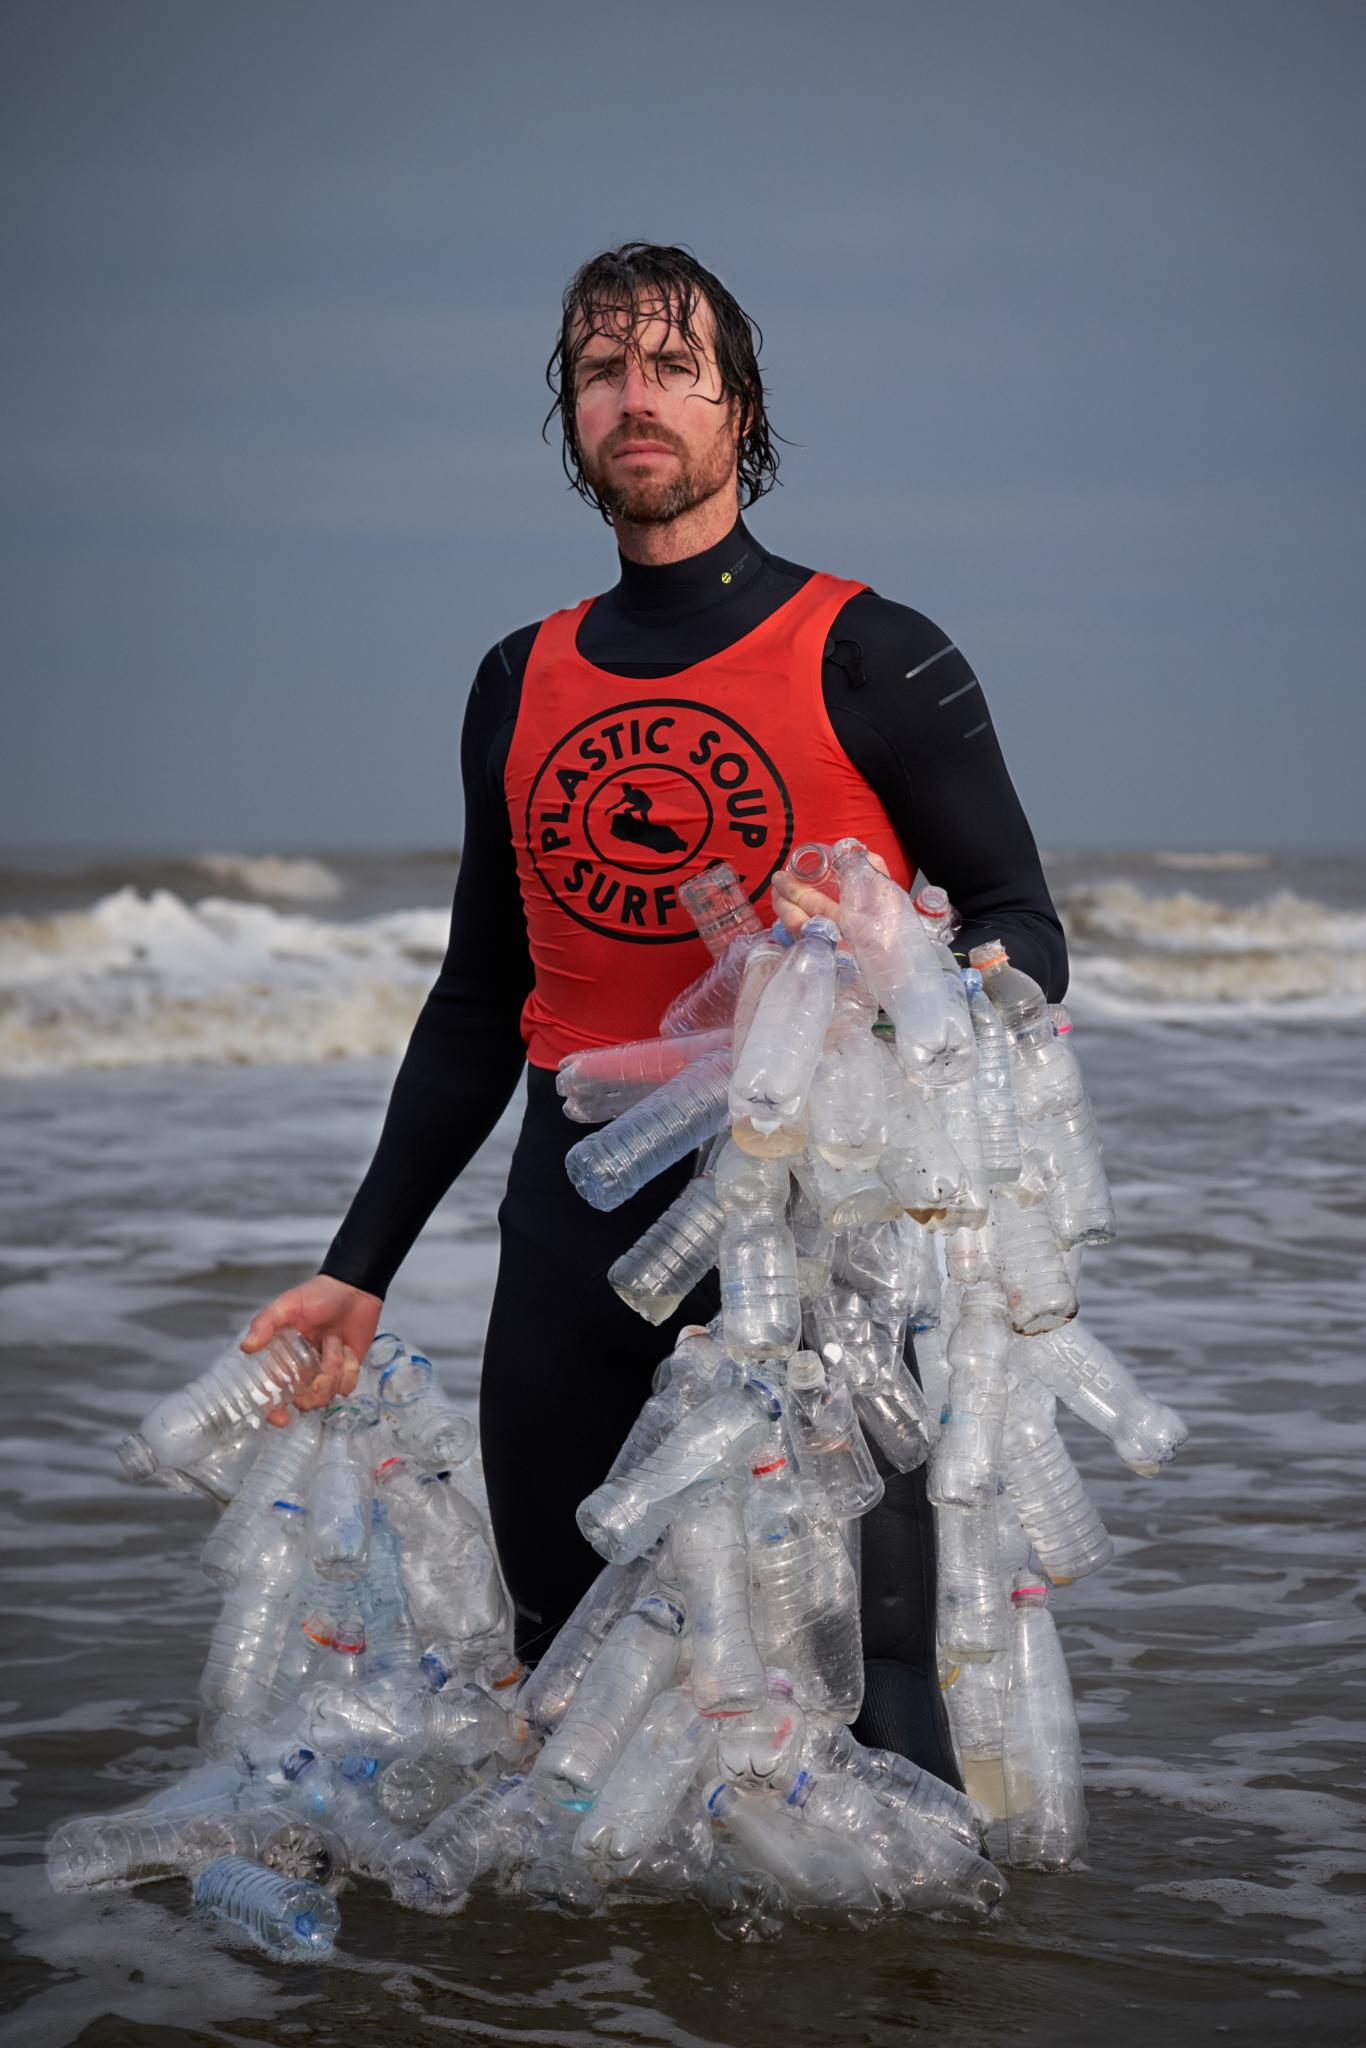 The Plastic Soup Surfer, Merijn Tinga